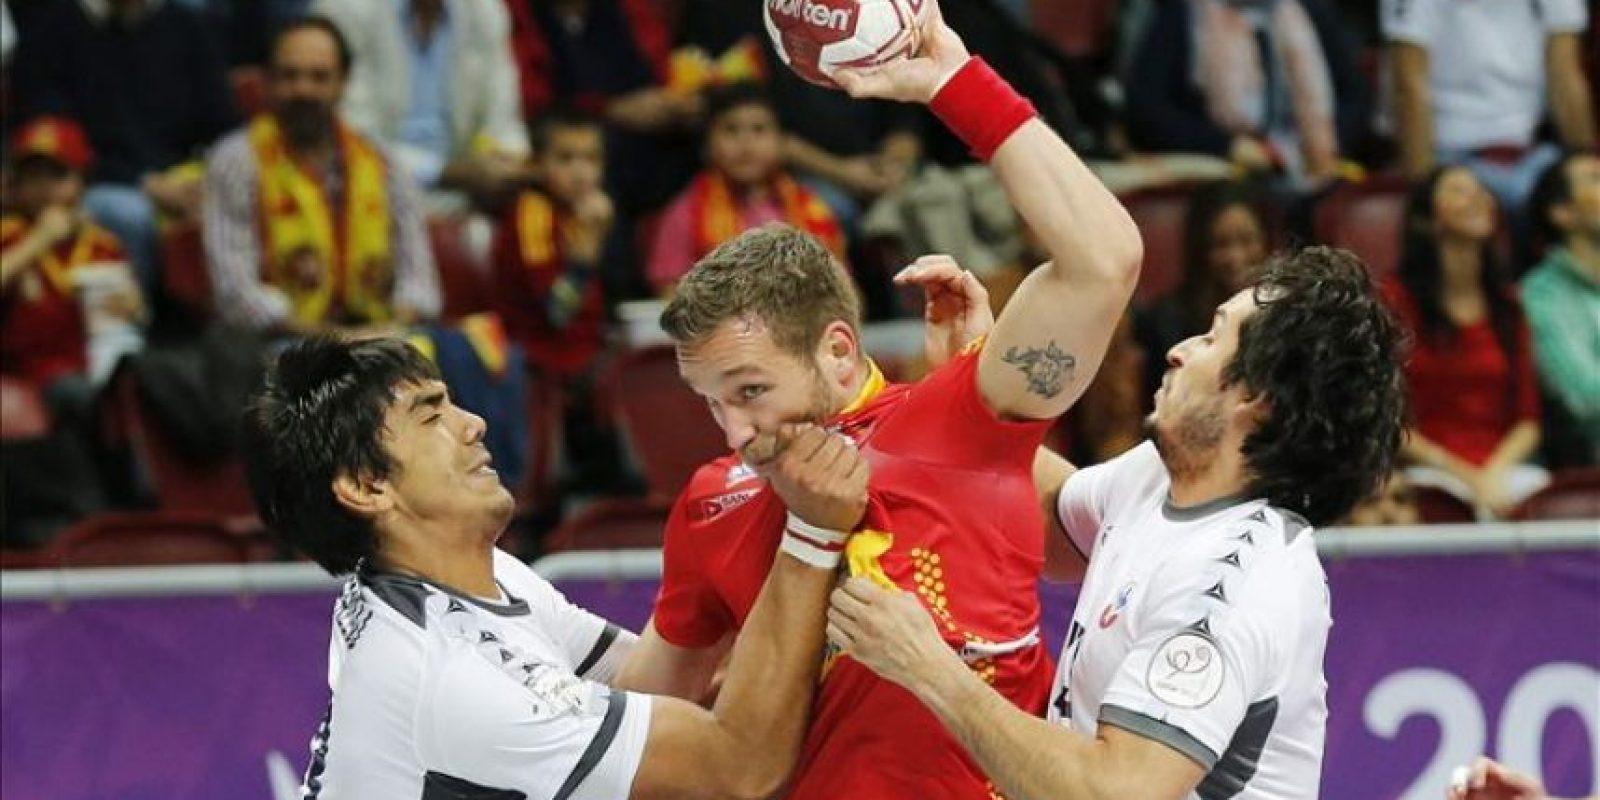 El jugador de la selección española de balonmano Víctor Tomás (c), lucha por el balón con los chilenos Guillermo Araya (d) y Javier Frelijj, durante el partido del Grupo A entre España y Chile del Mundial de Balonmano de Catar en Doha, Catar. EFE